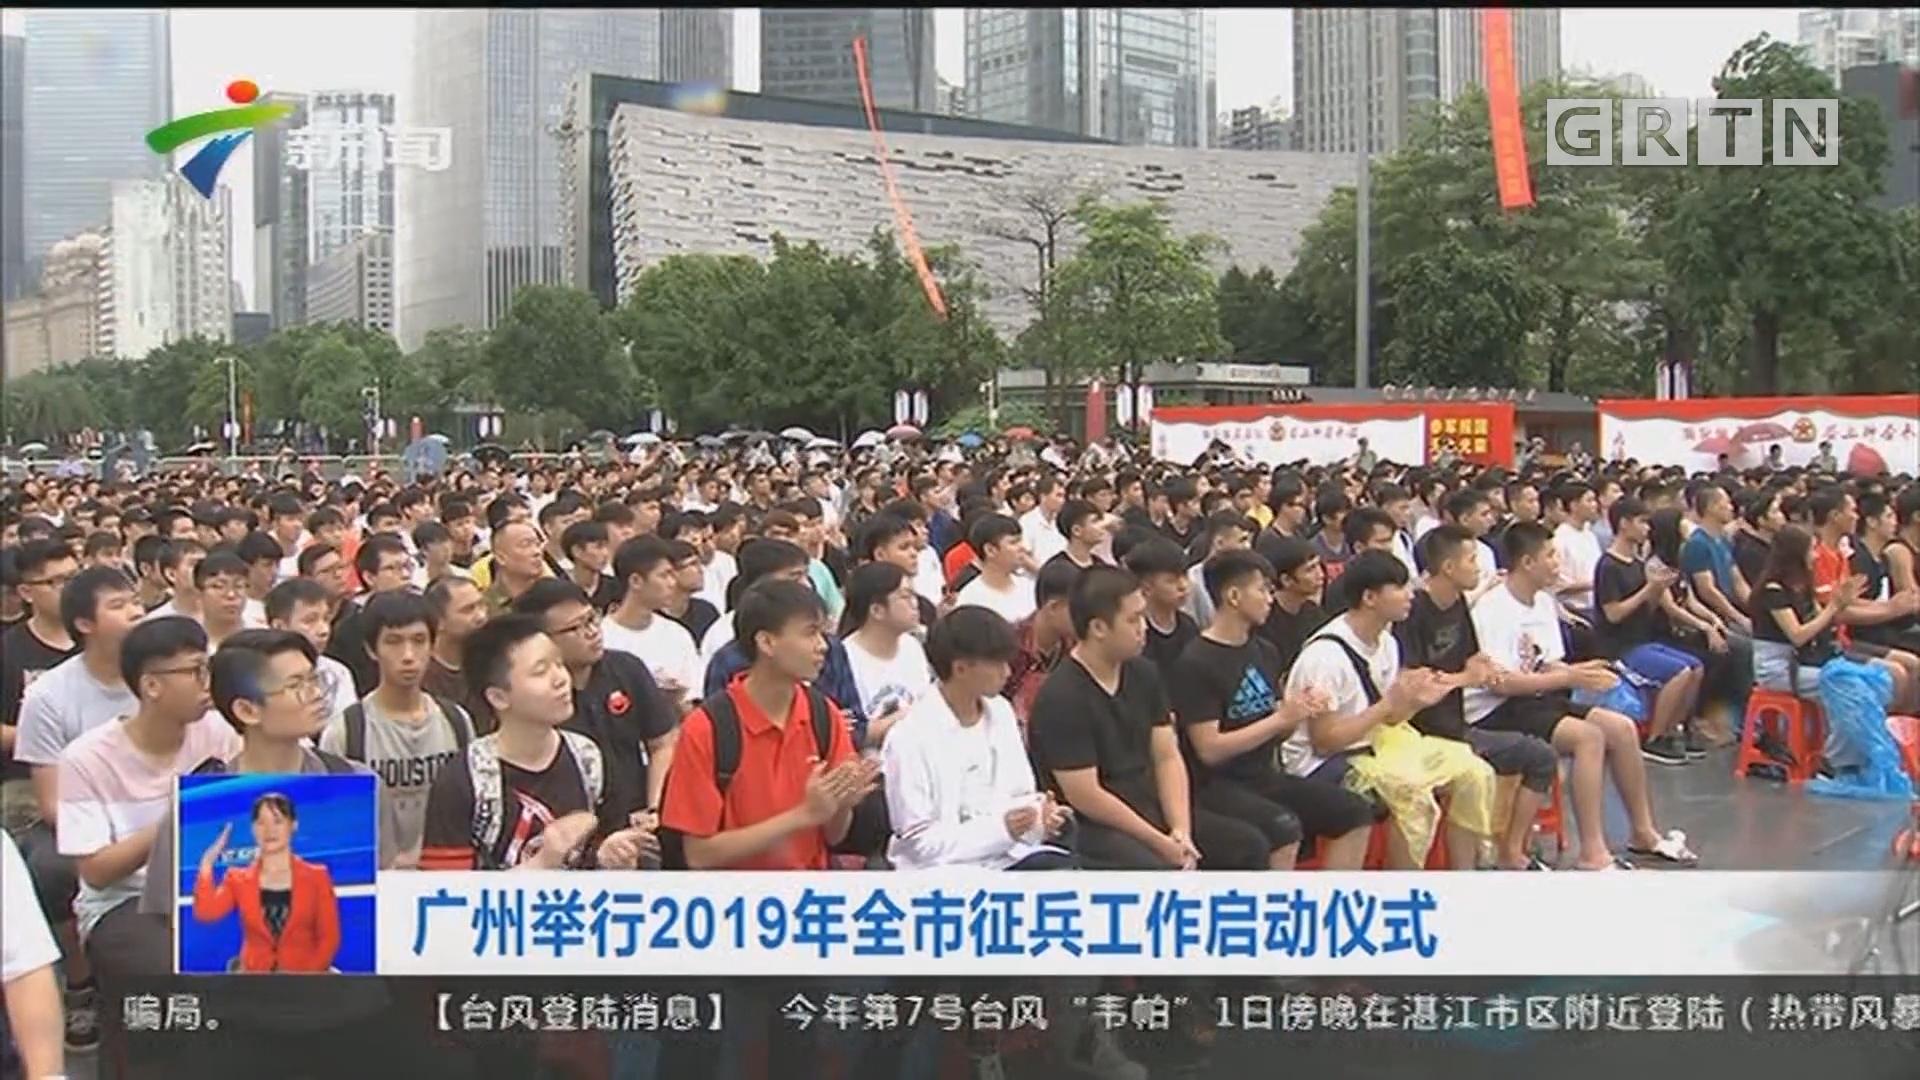 广州举行2019年全市征兵工作启动仪式